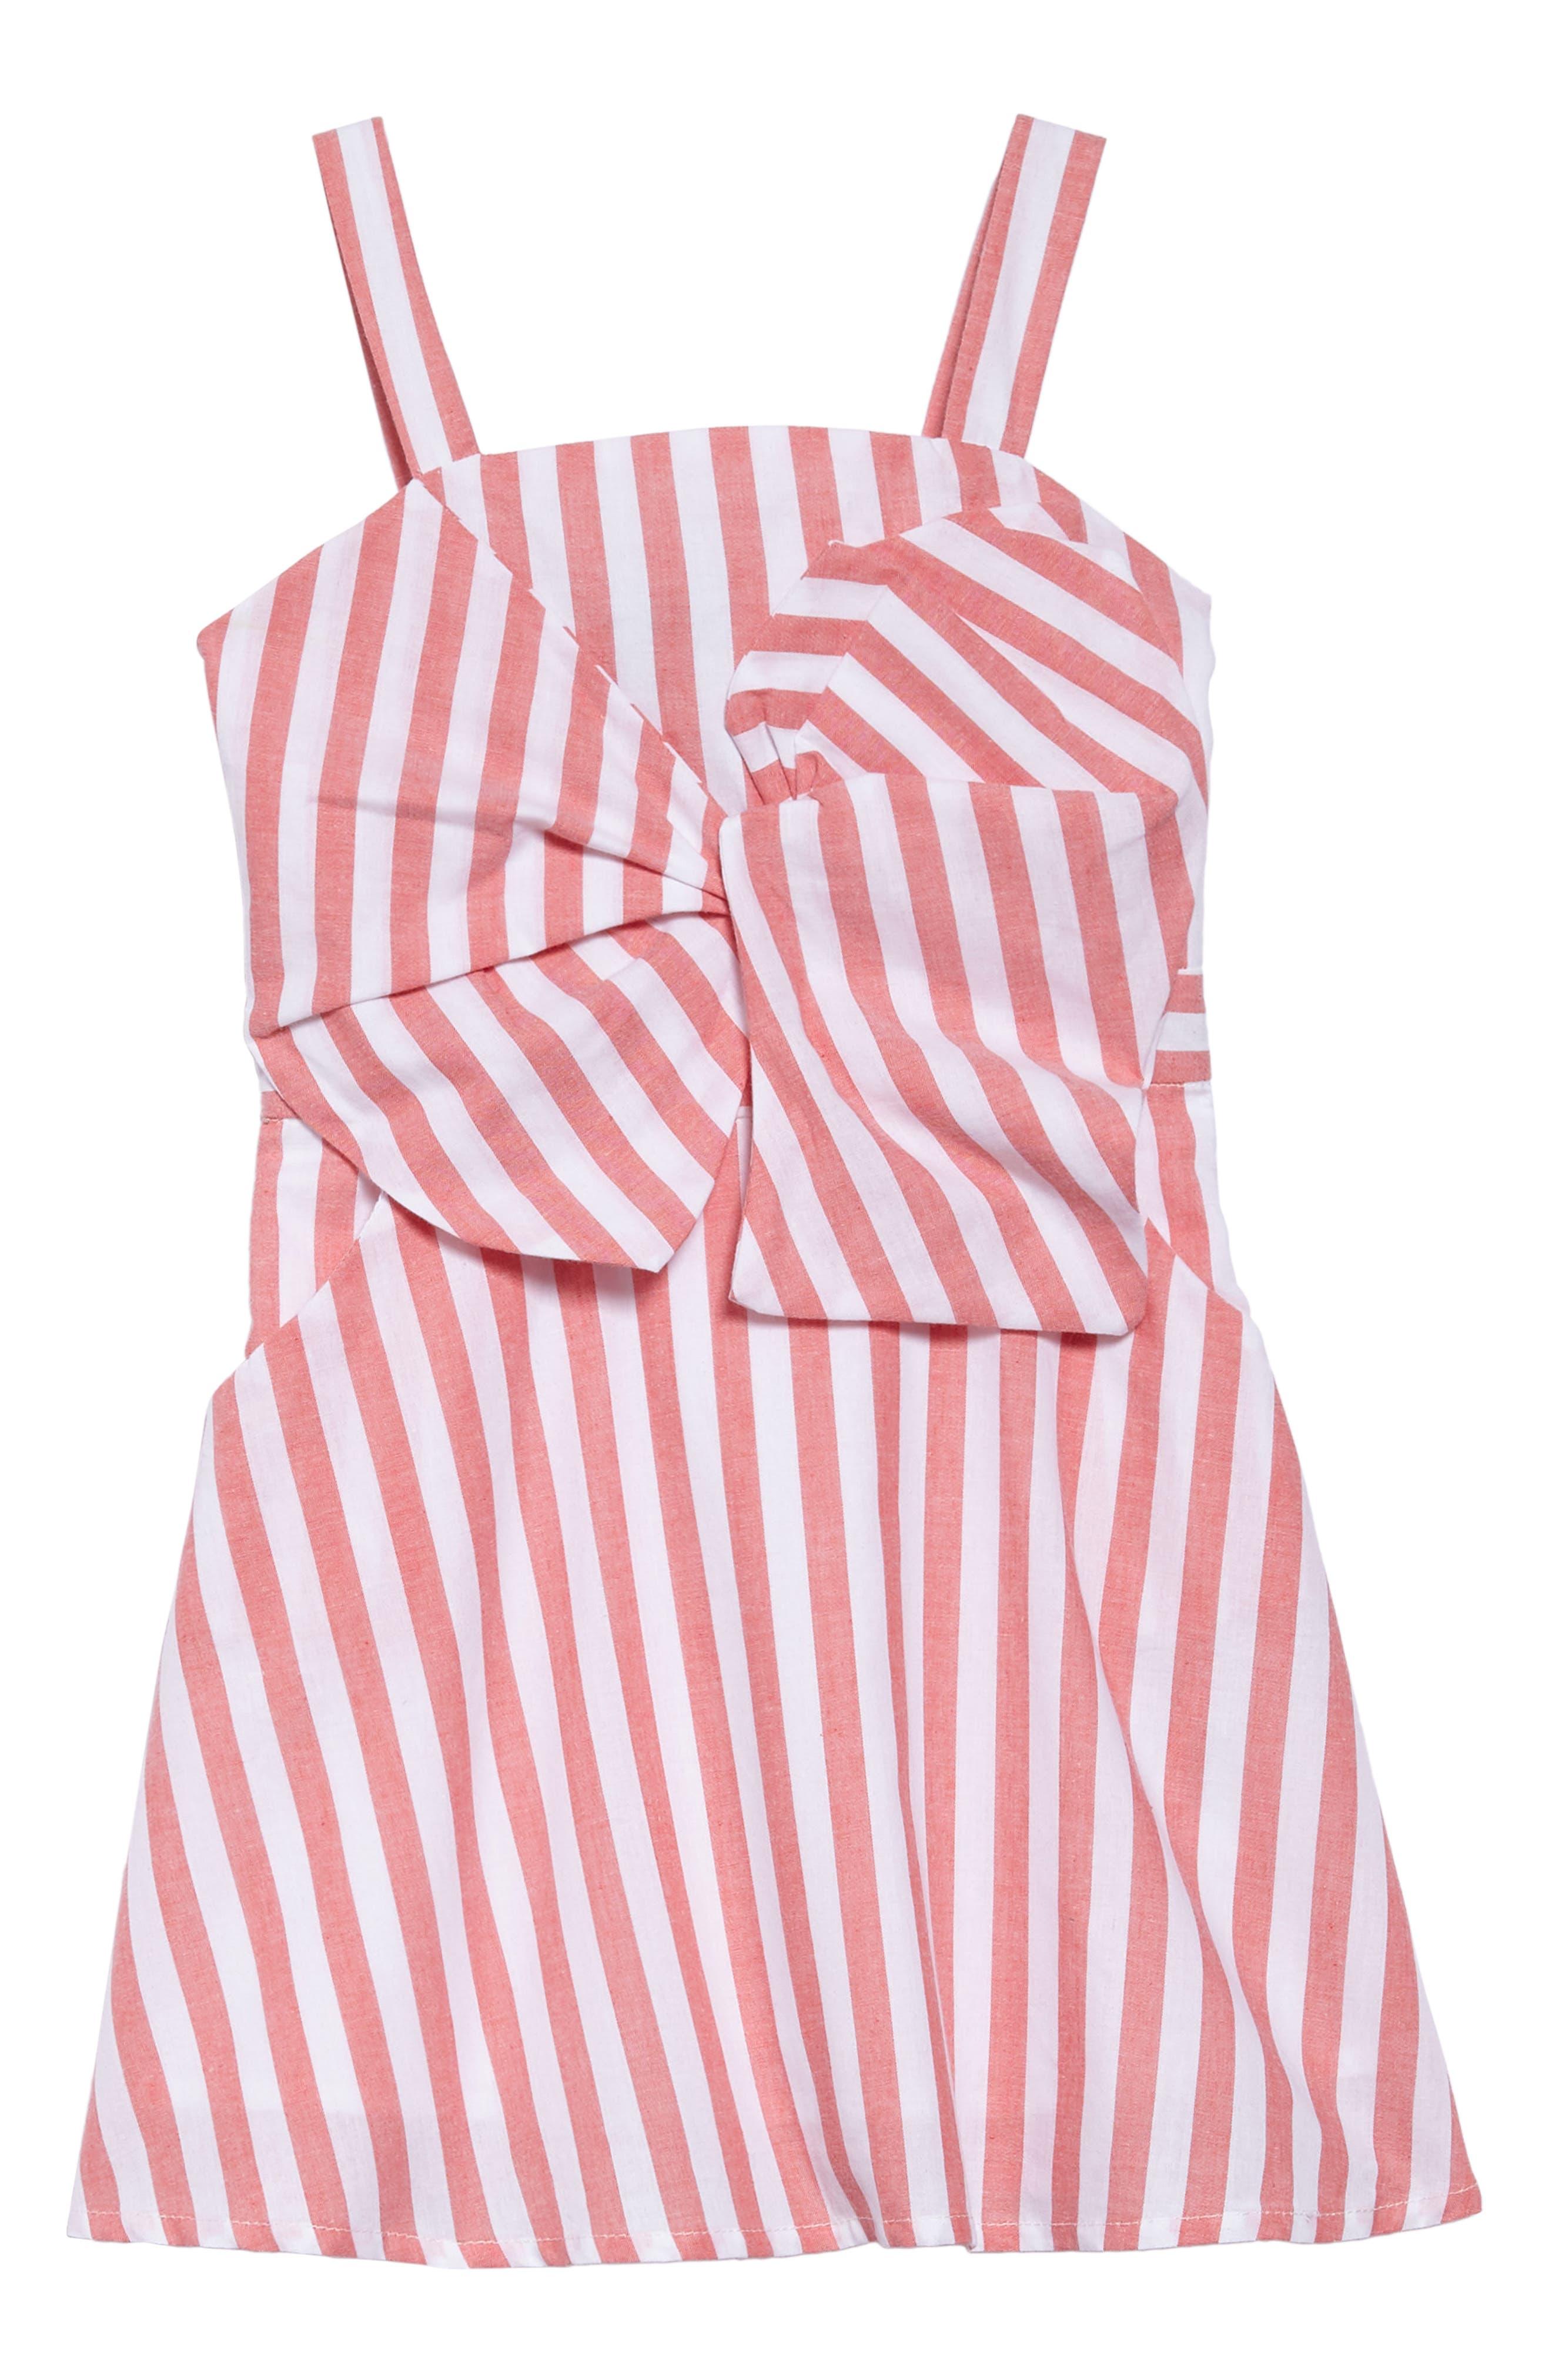 Alternate Image 1 Selected - Bardot Junior Mable Stripe Dress (Toddler Girls & Little Girls)